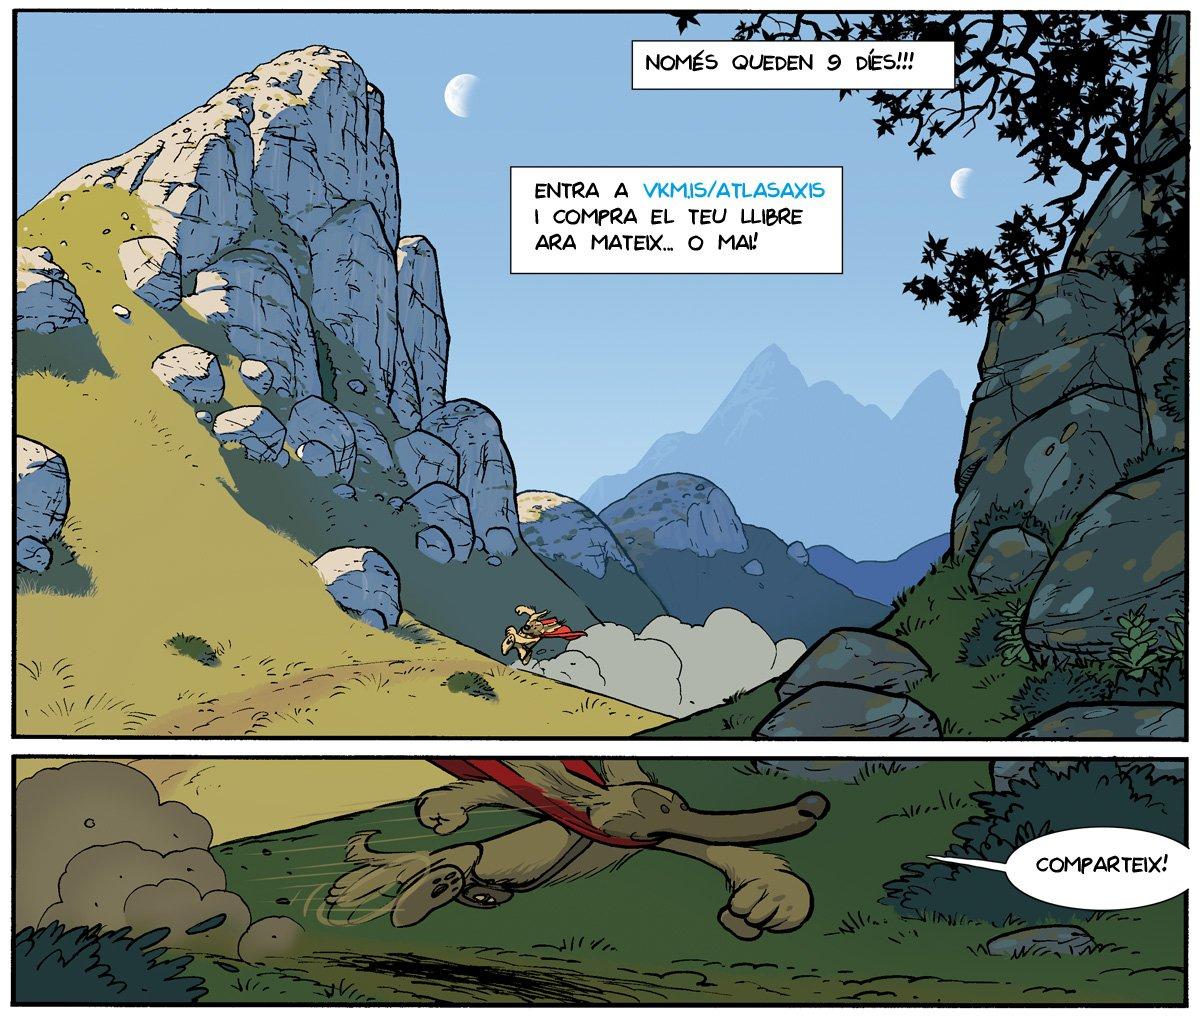 Recordau! Només queden 9 díes!  Voleu llegir aquest còmic en català?  http://vkm.is/atlasaxis  @comicat @Tuguicomiquer @ocbcat @tv3enlluita @tv3cat @verkamiCAT @omnium